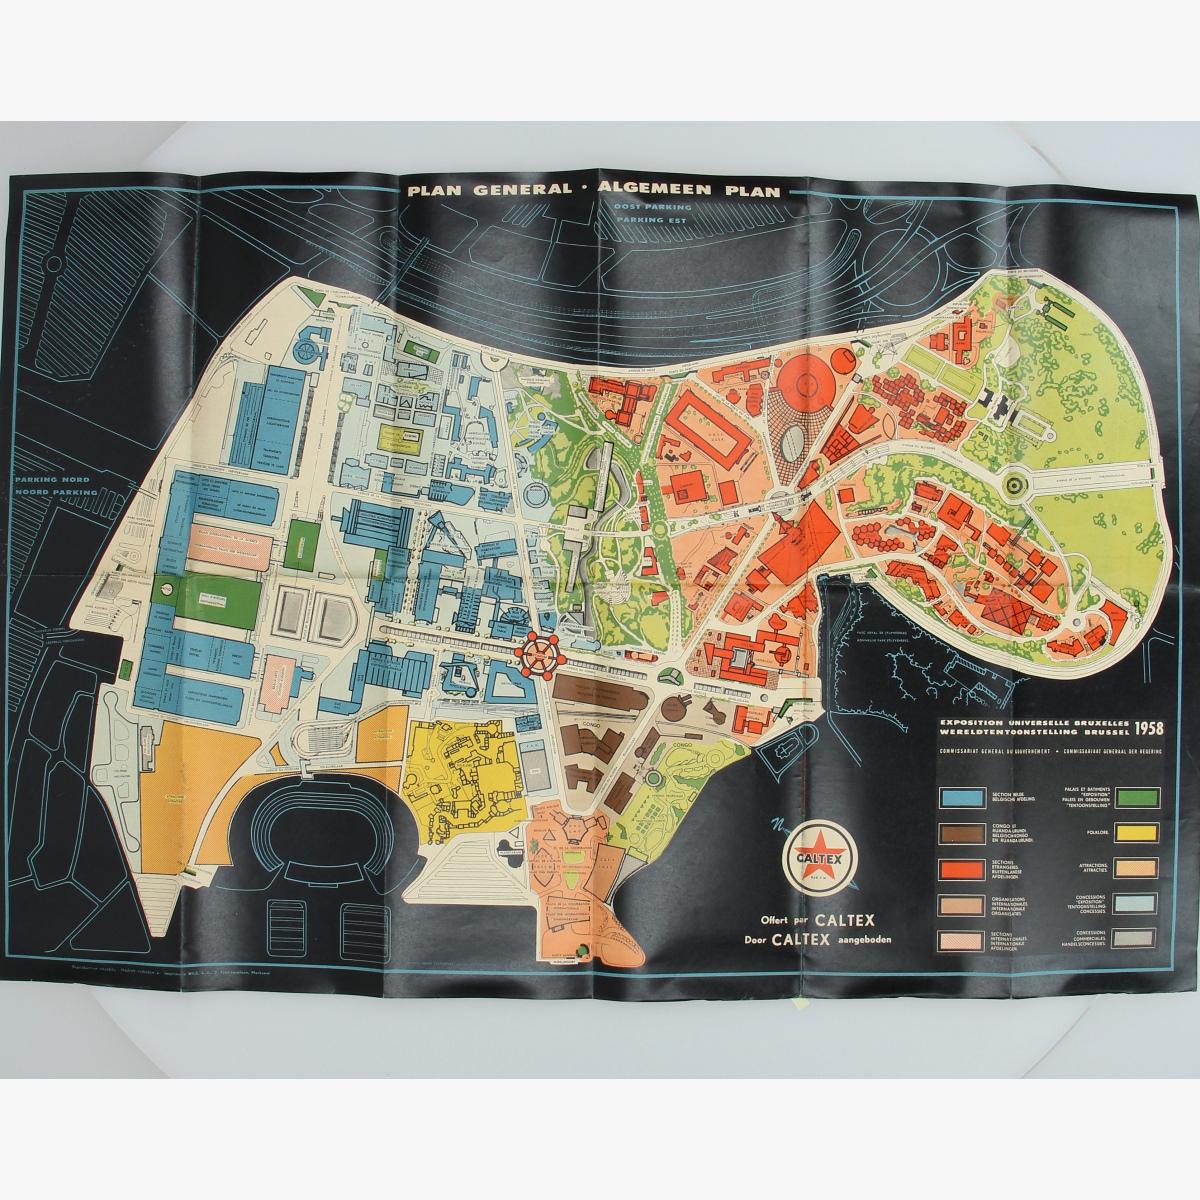 Afbeeldingen van expo 58 plan general - algemeen plan door caltex aangeboden